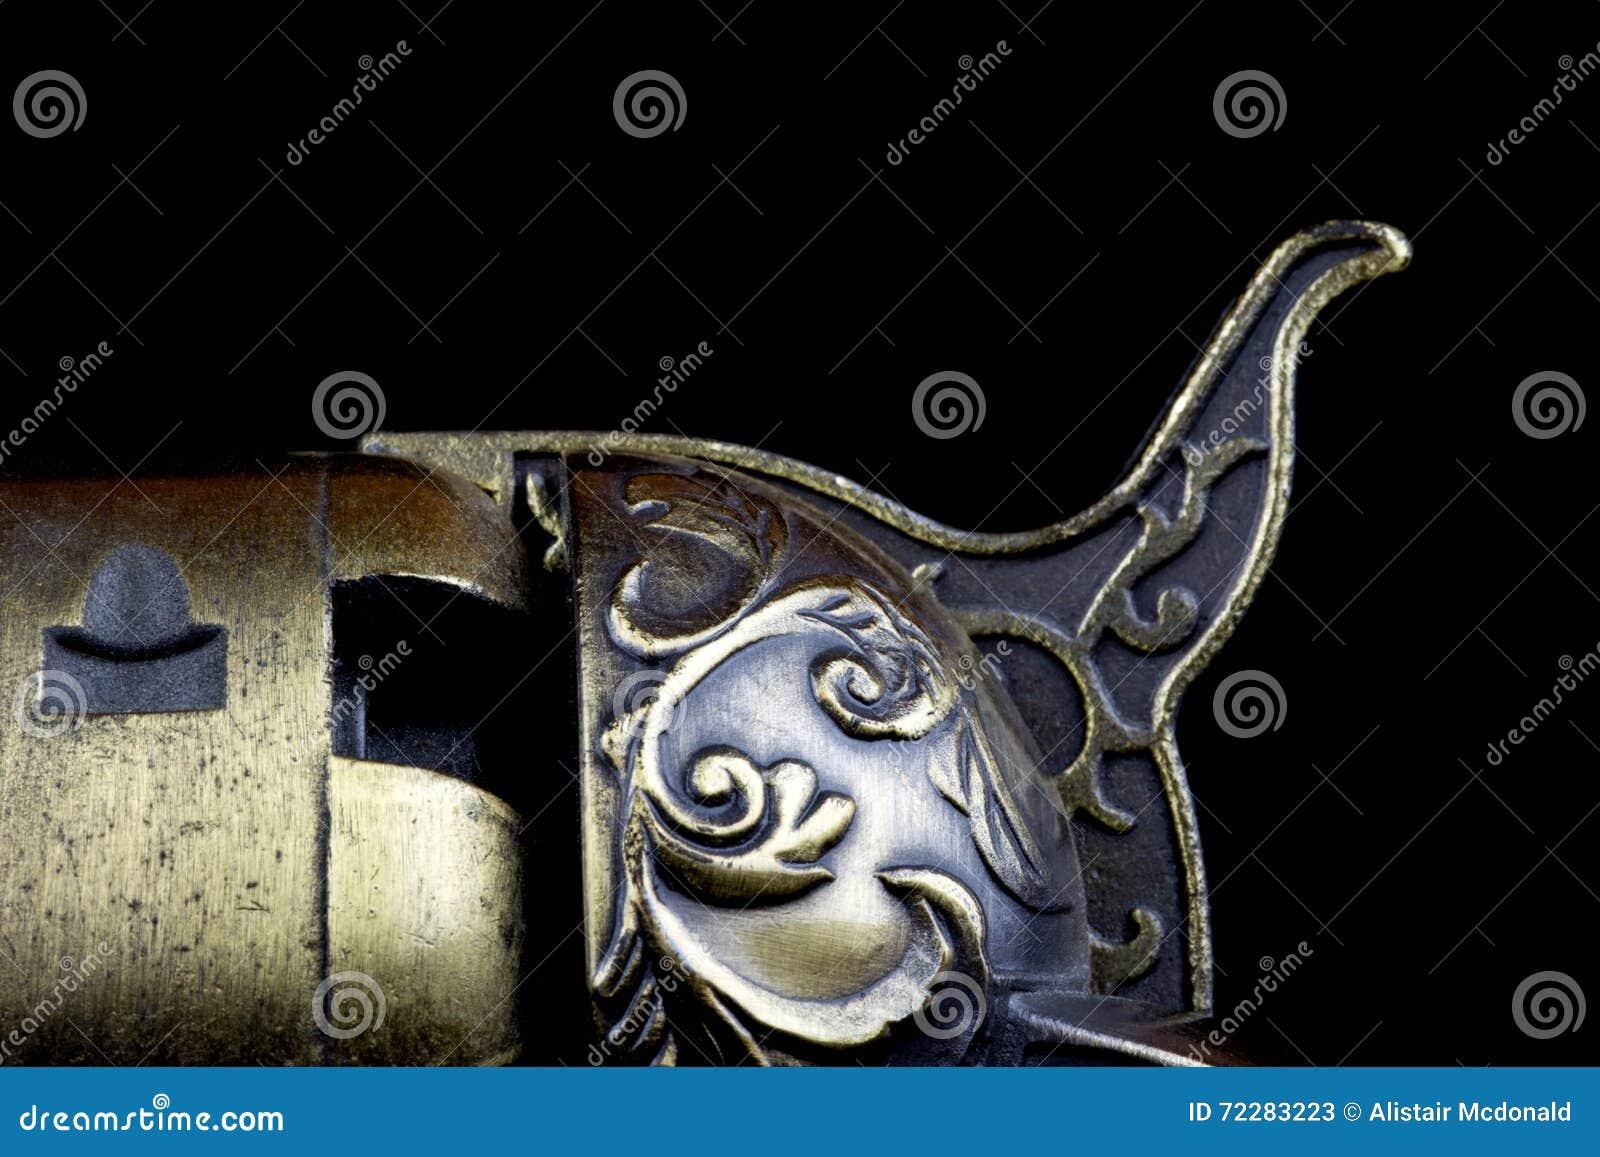 Download Старая деталь пистолета на черной предпосылке Стоковое Изображение - изображение насчитывающей черный, предмет: 72283223